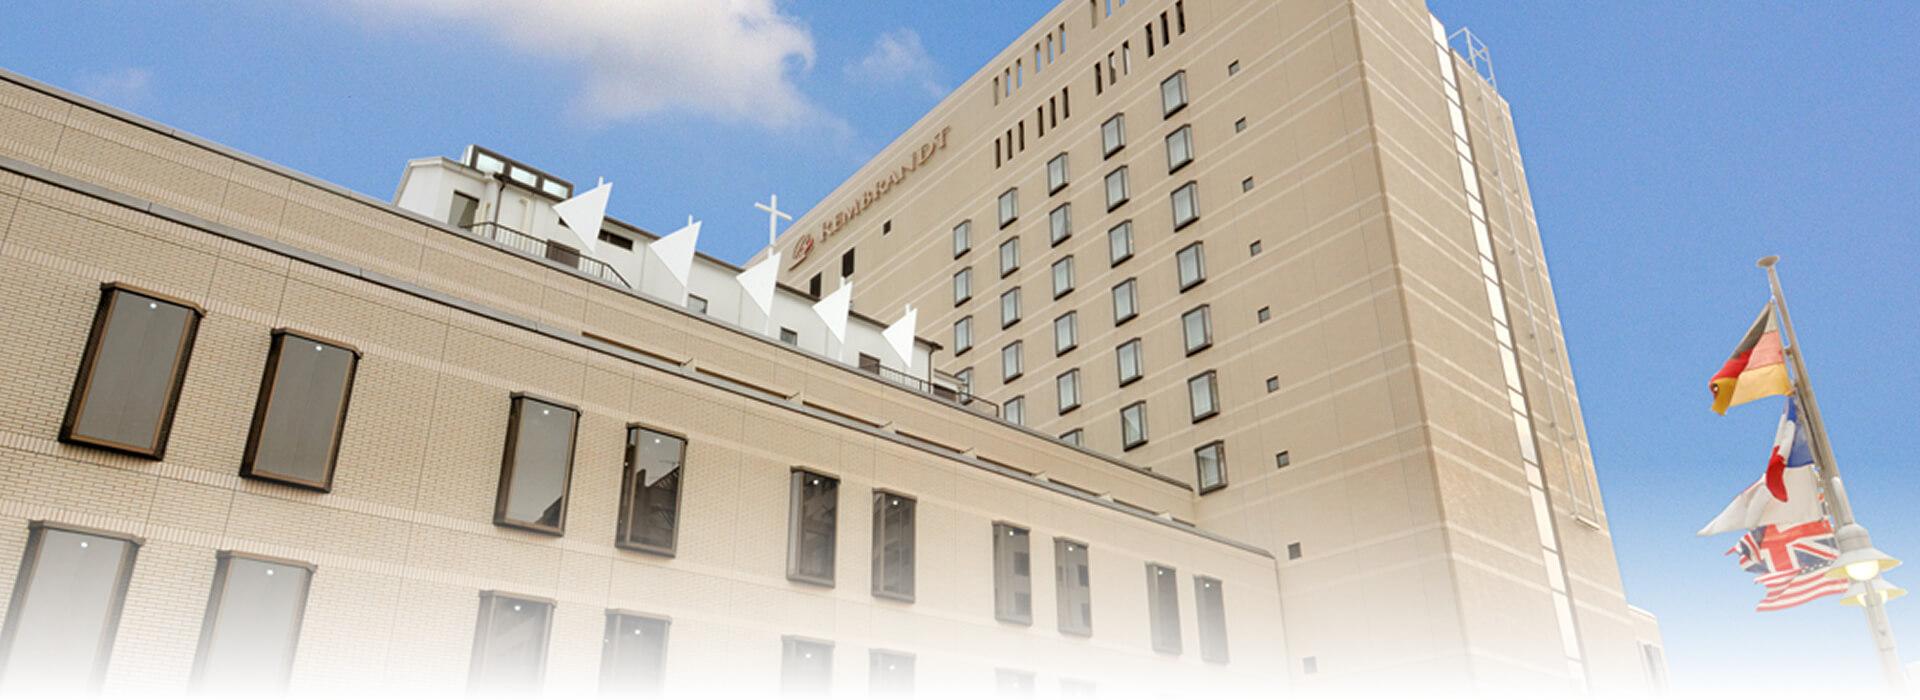 送信完了|レンブラントホテル厚木【公式】レンブラントグループホテル